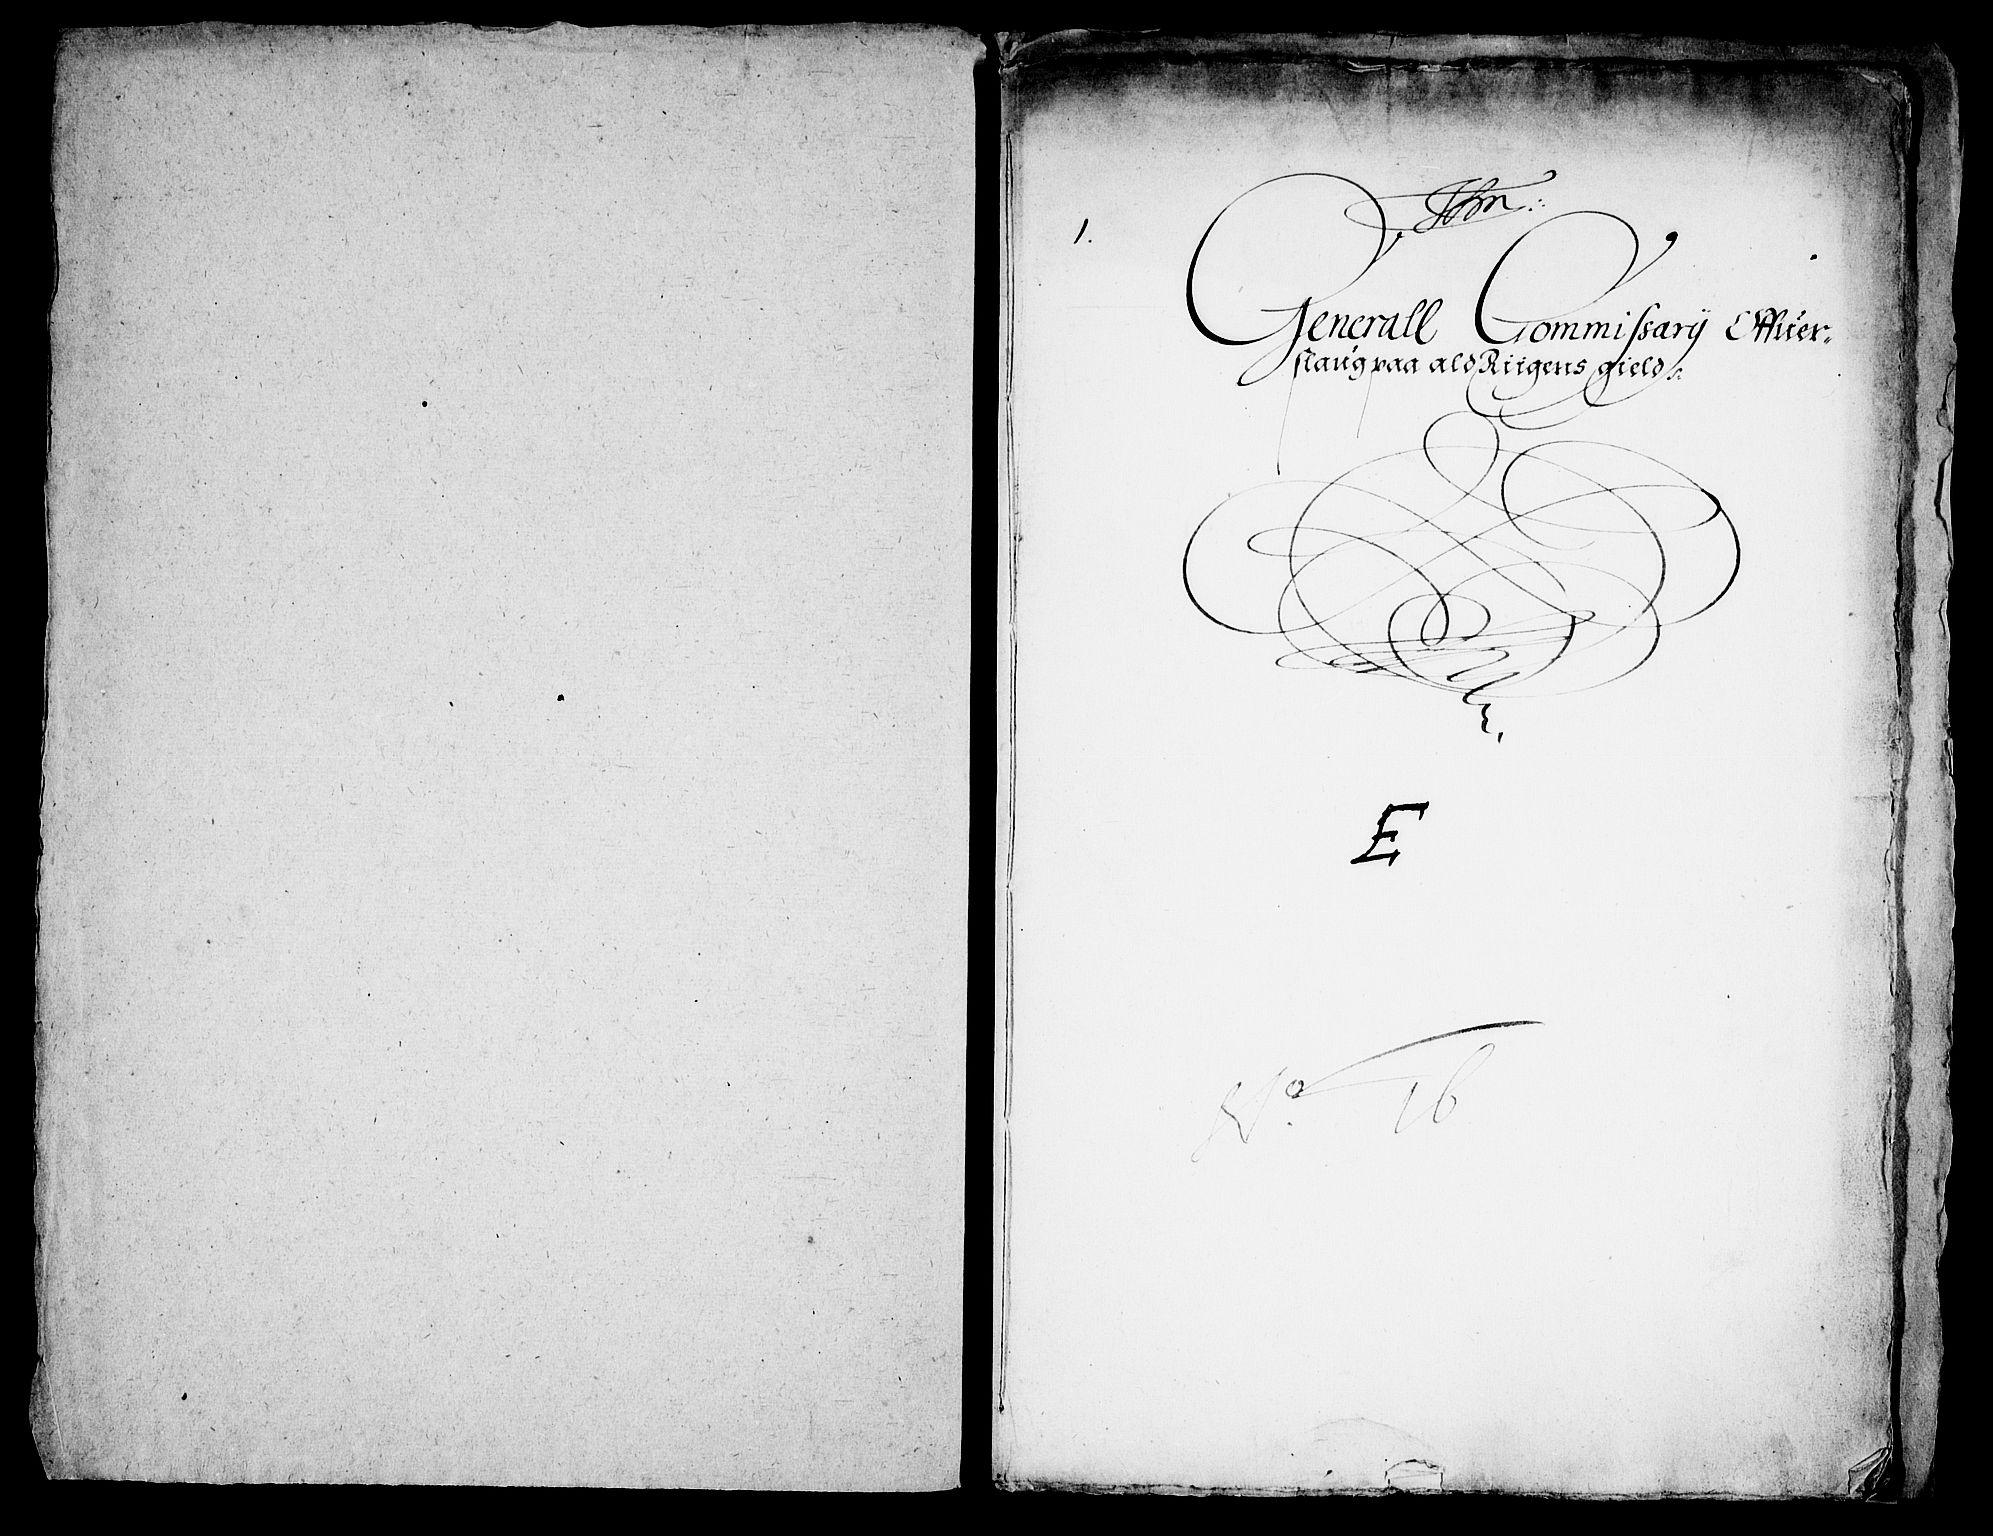 RA, Danske Kanselli, Skapsaker, G/L0019: Tillegg til skapsakene, 1616-1753, s. 116